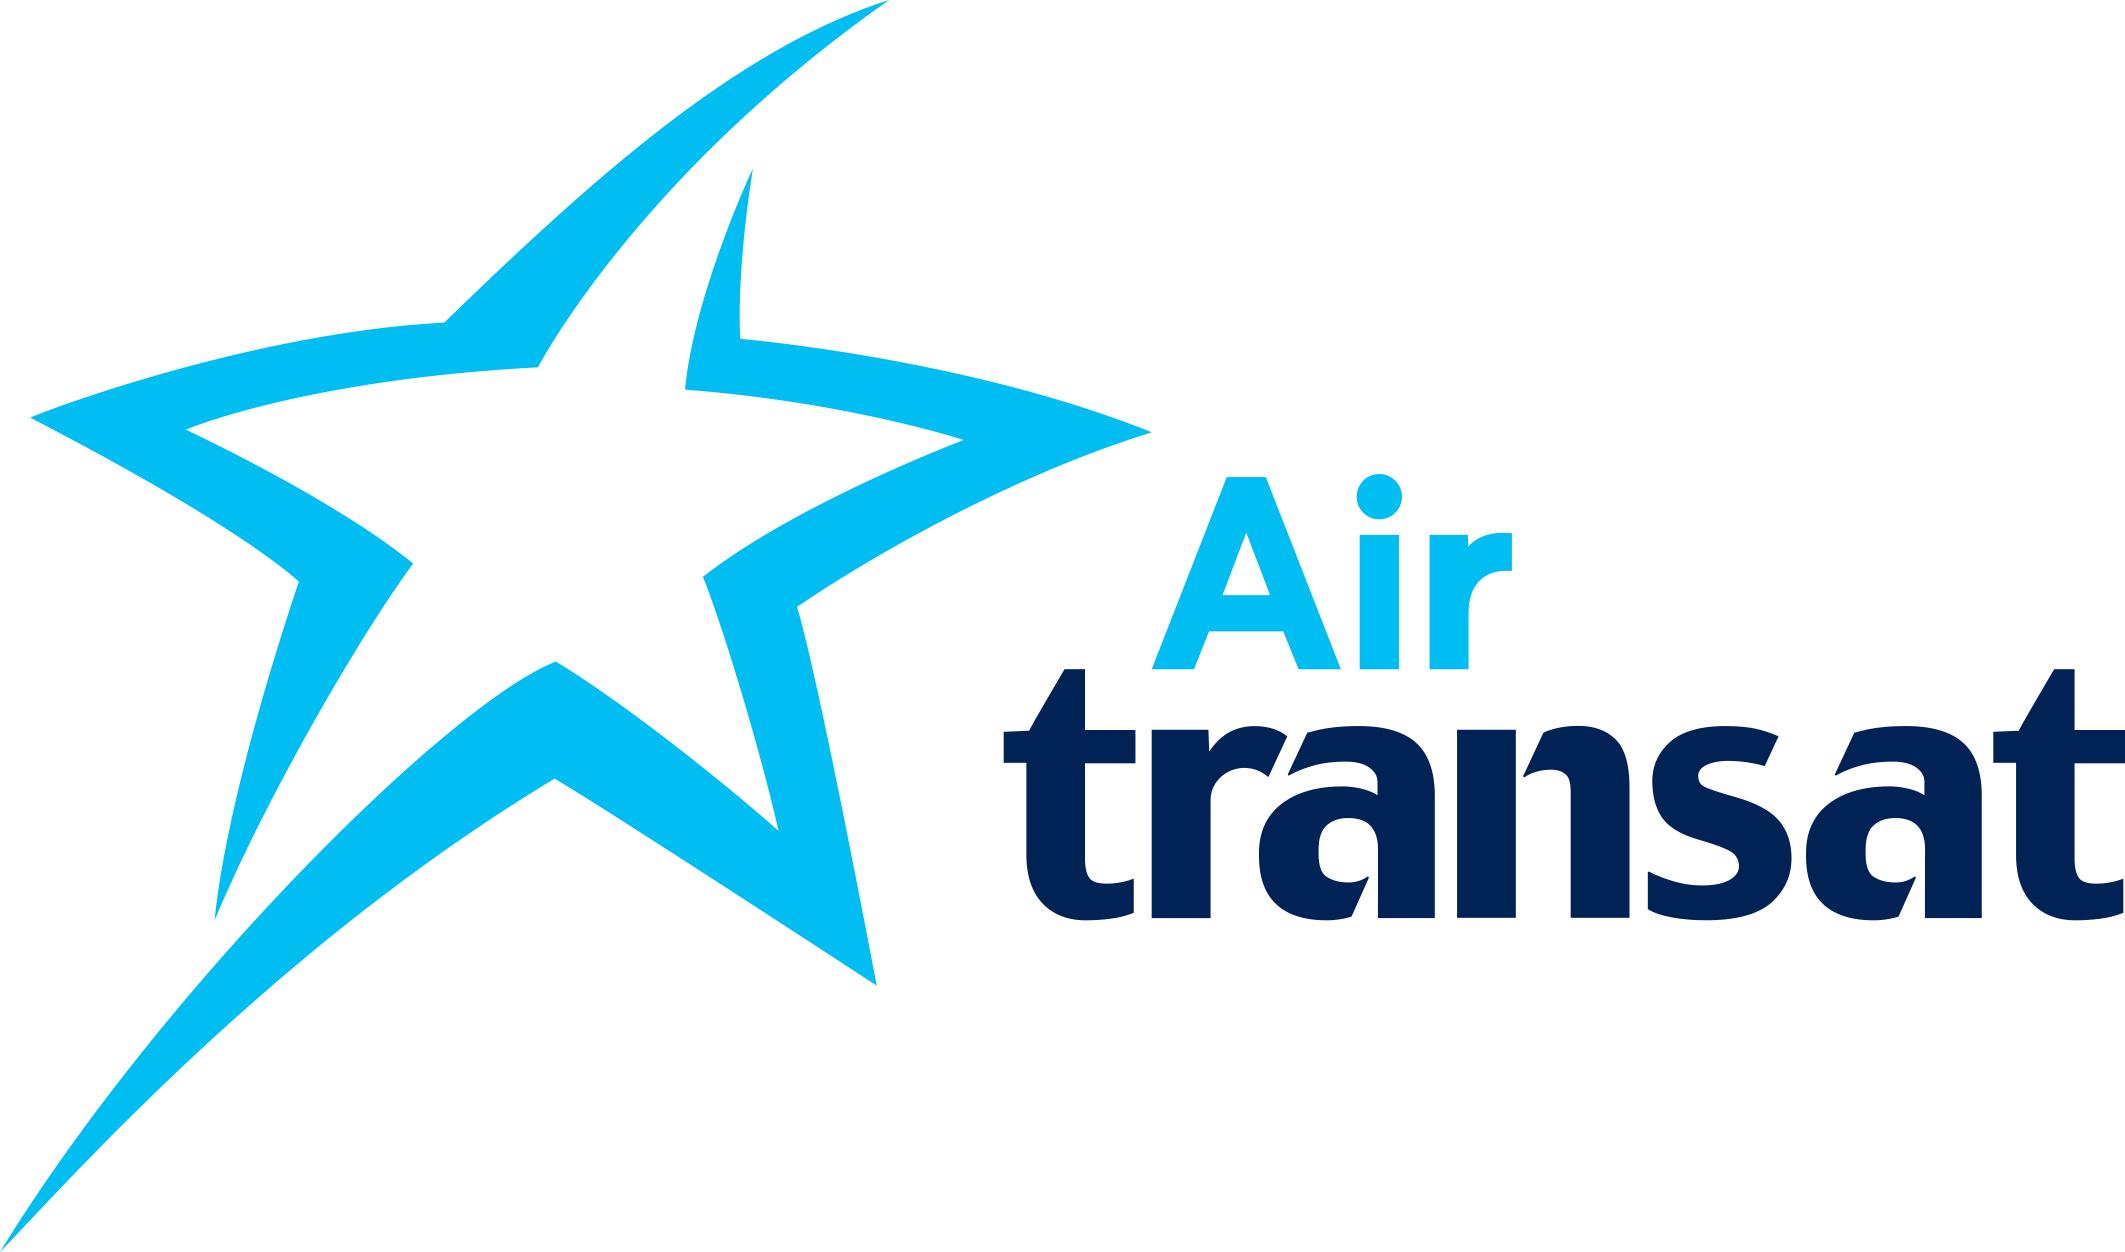 Sélection des vols A/R Paris (CDG) - Toronto en juin 2019 - Ex du 10 au 24 Juin